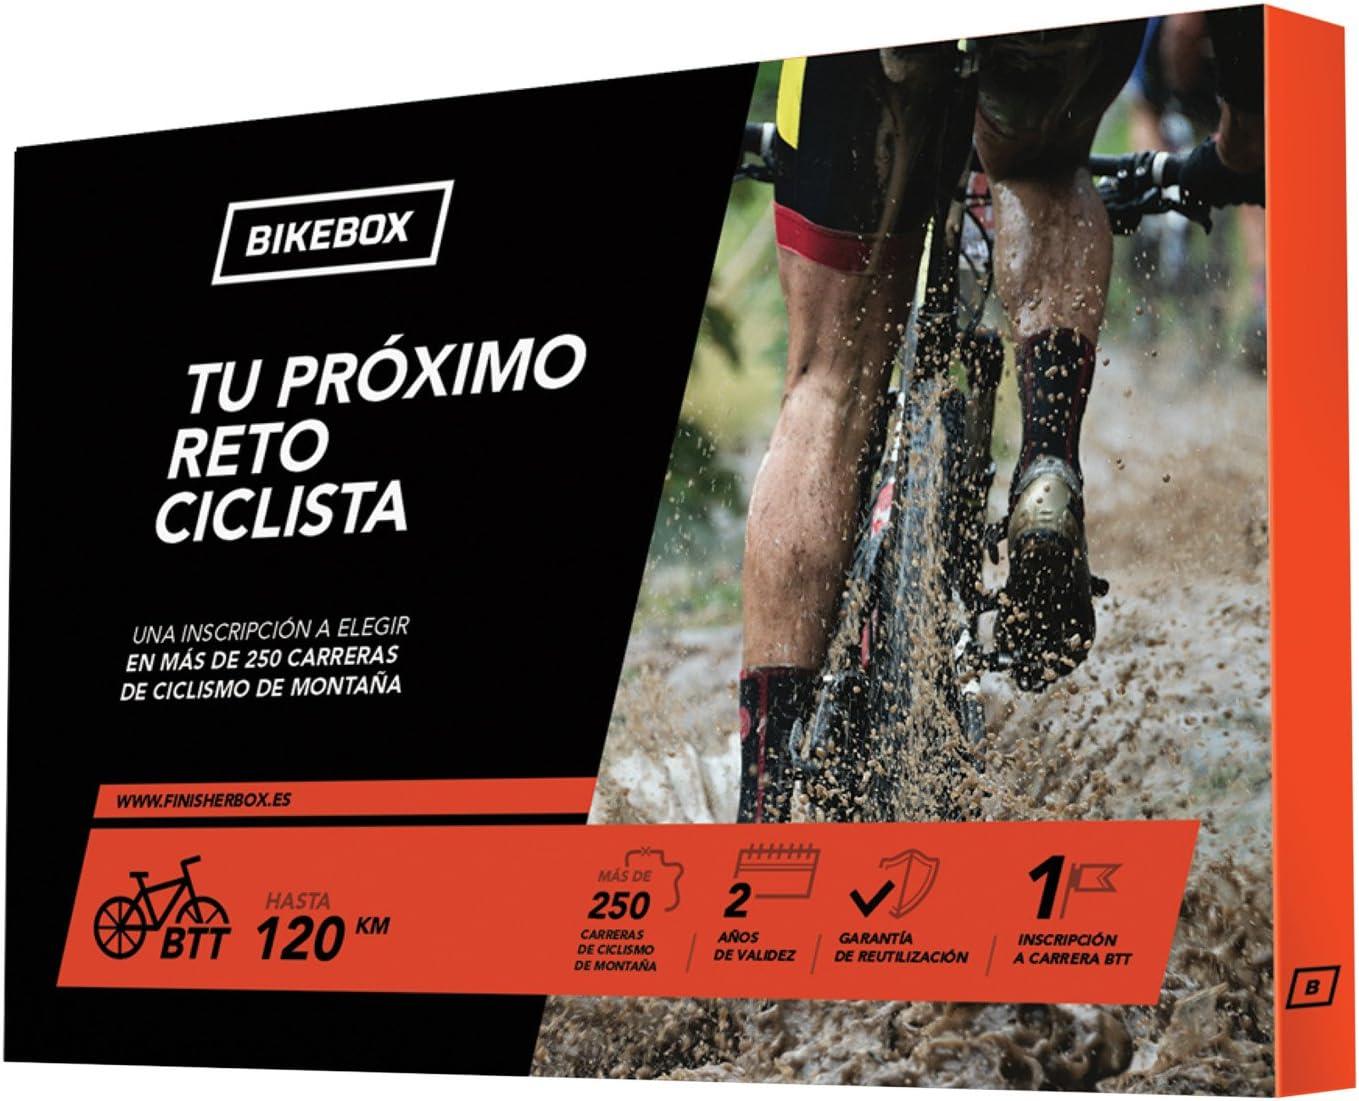 BikeBox - Caja Regalo para Ciclistas - TU PRÓXIMO Reto Ciclista - Regala una Carrera de Ciclismo de montaña - Más de 250